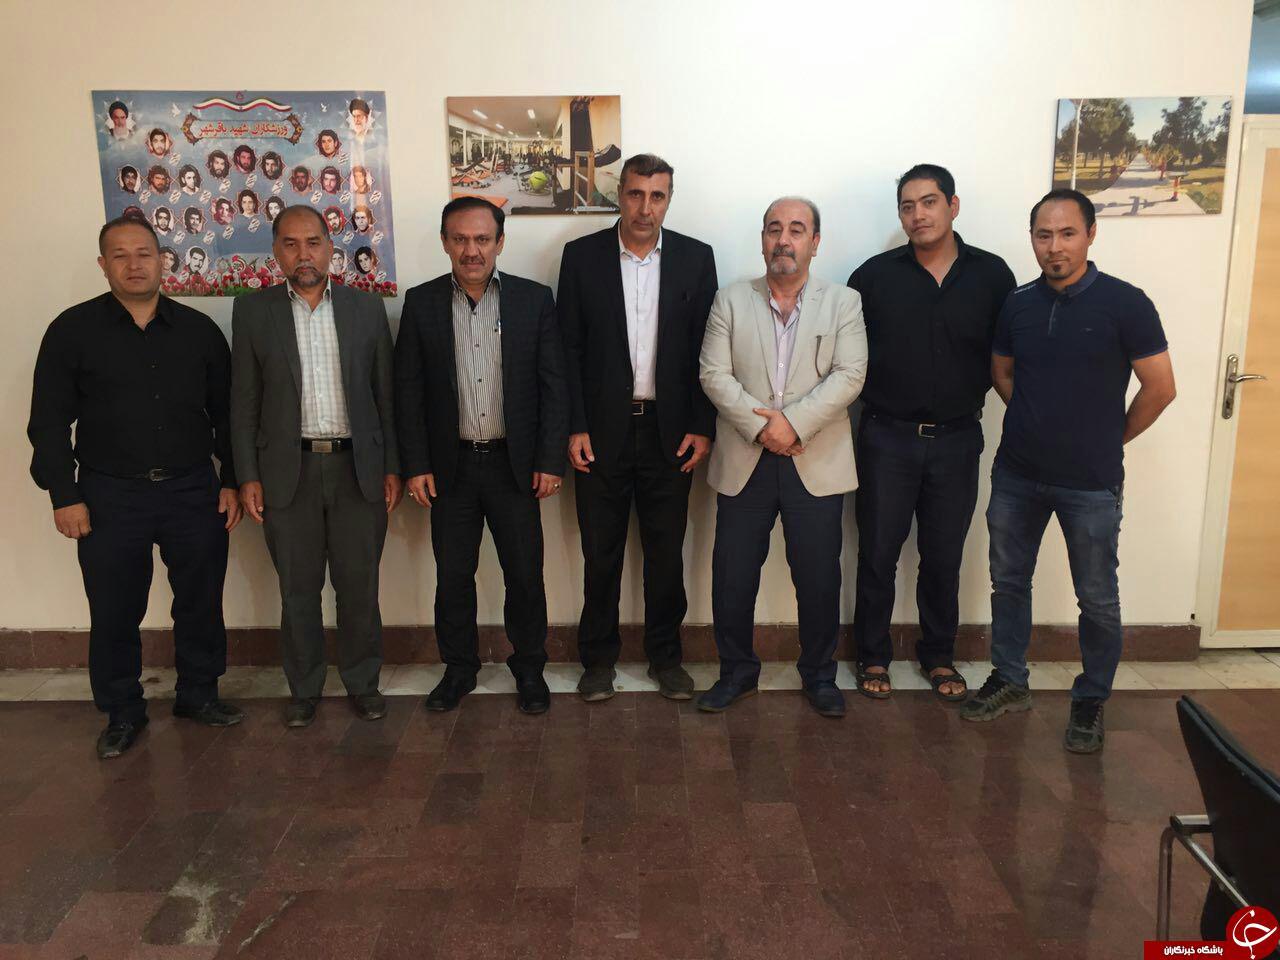 جان محمد امیری به عنوان نماینده ی رسمی فدراسیون تکواندوی افغانستان در ایران معرفی شد